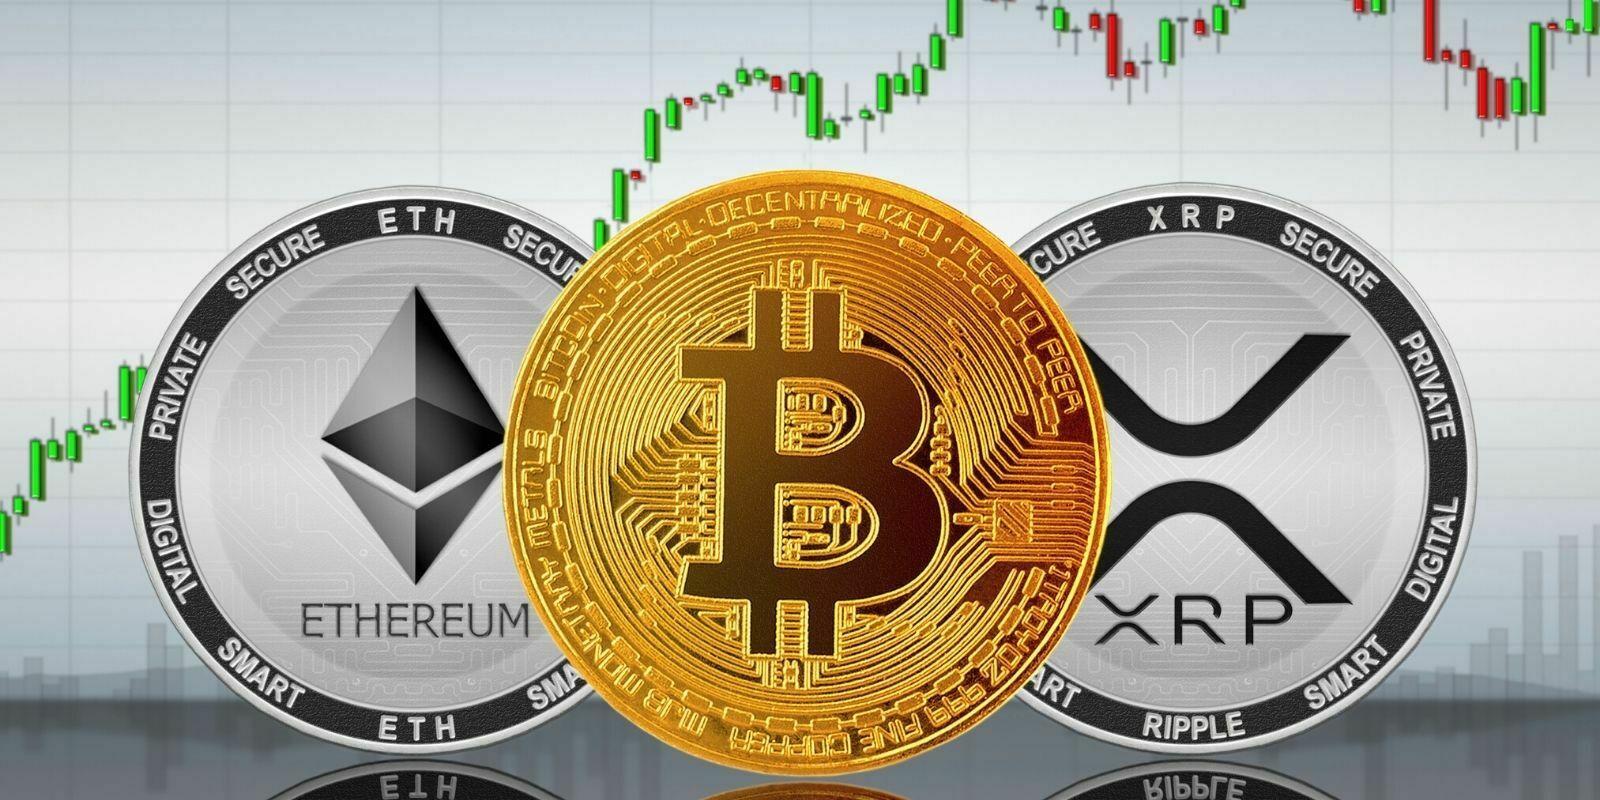 Le Bitcoin (BTC) de retour vers les 12 000$, l'Ether et le XRP performent